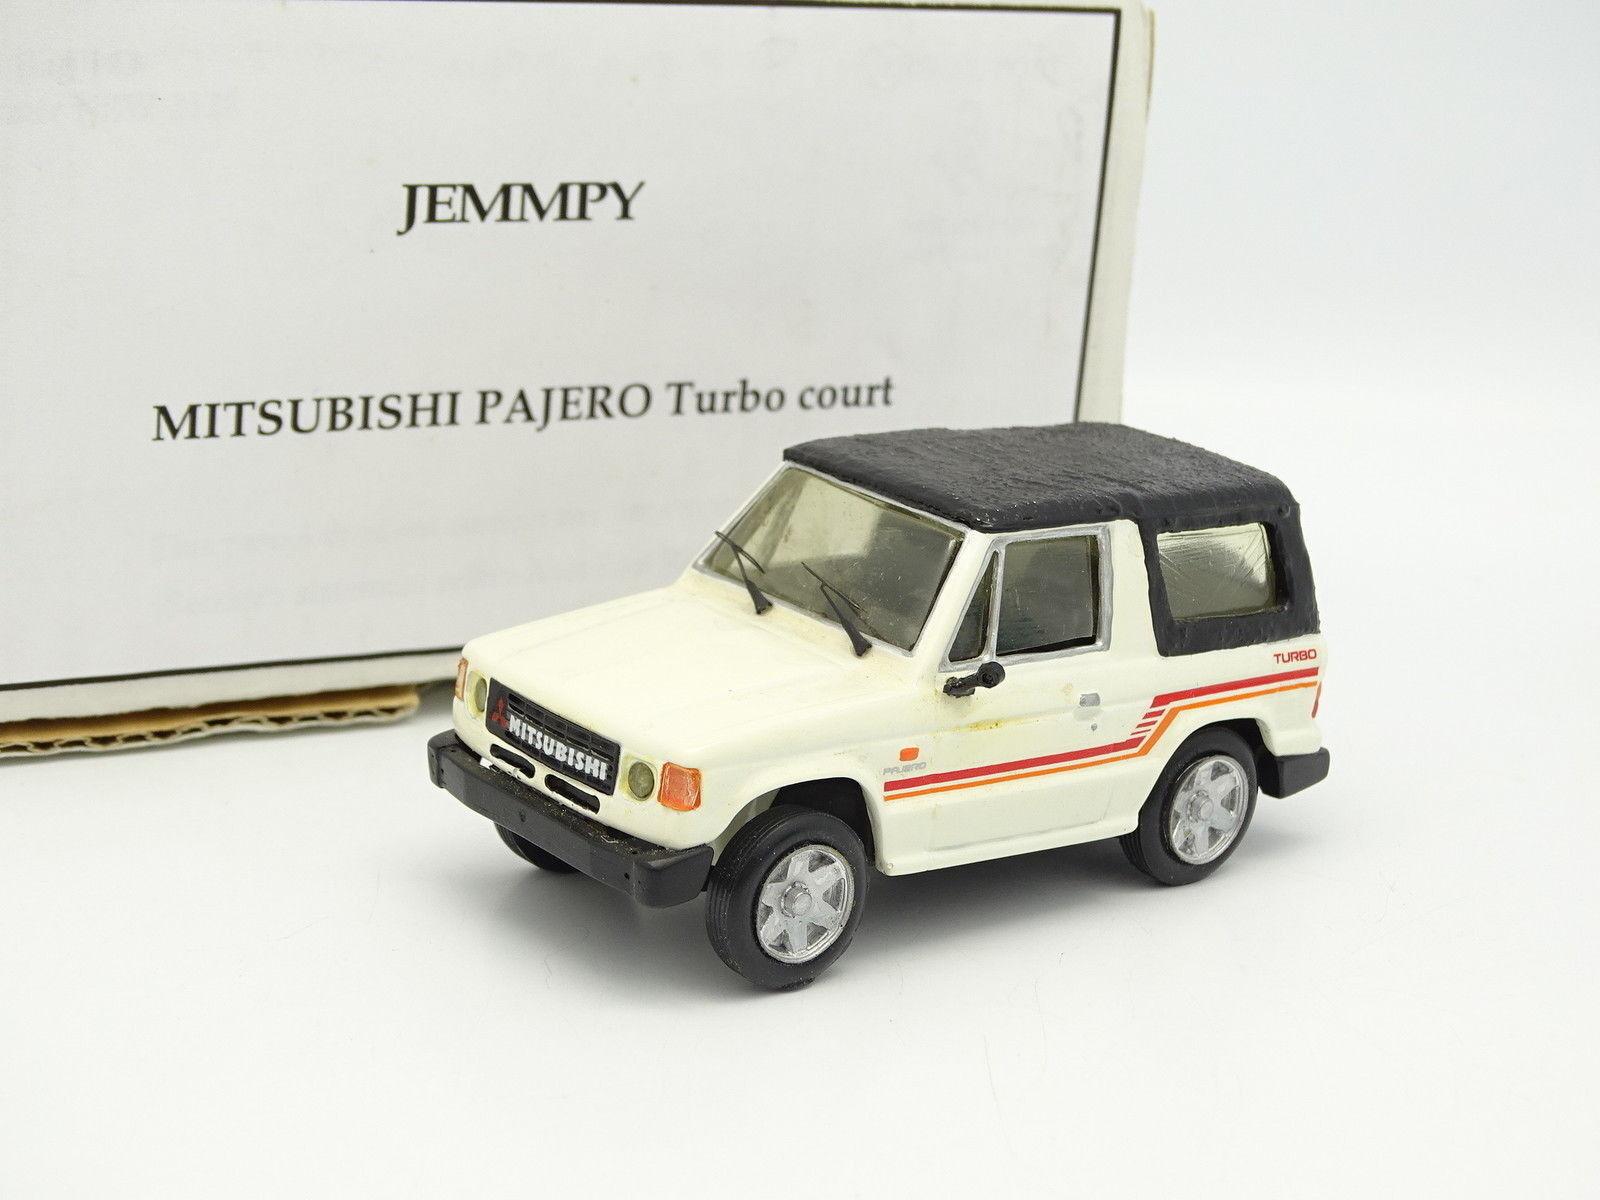 Dans l'attente de la ville, retenant votre souffle Jemmpy Kit Monté 1/43 Mitsubishi Pajero Turbo Court Blanc   Service Supremacy